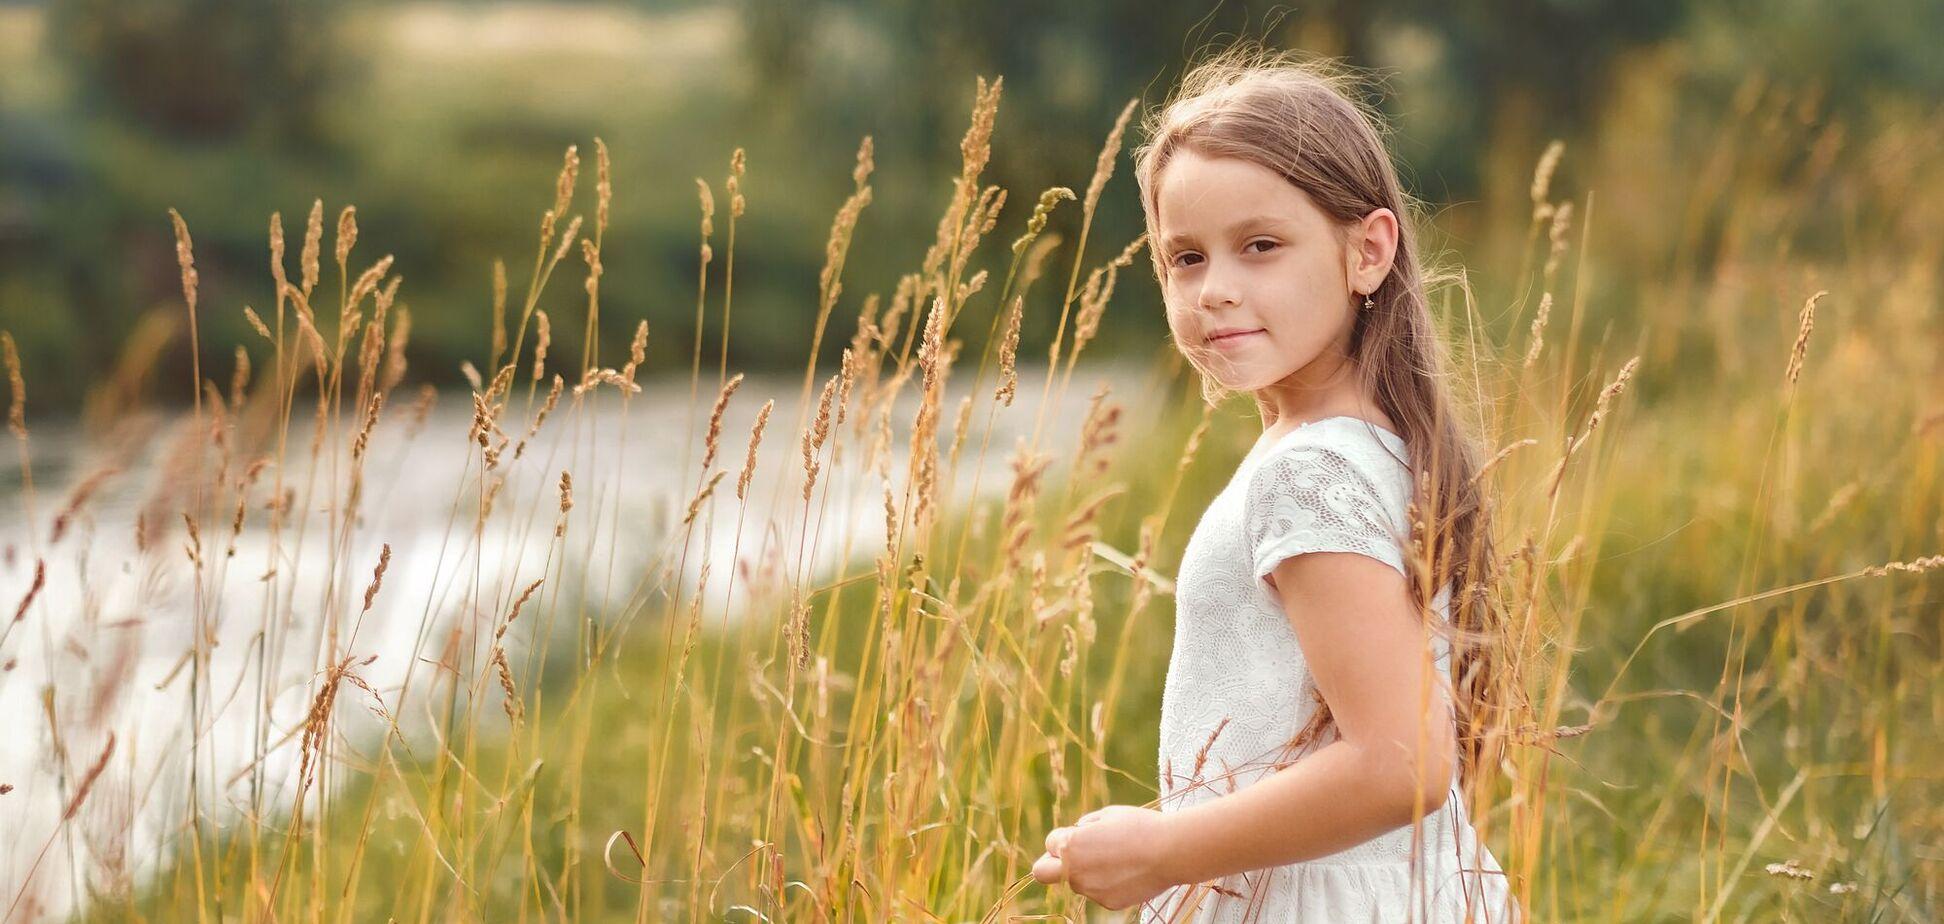 Міжнародний день дівчаток відзначається з 2012 року